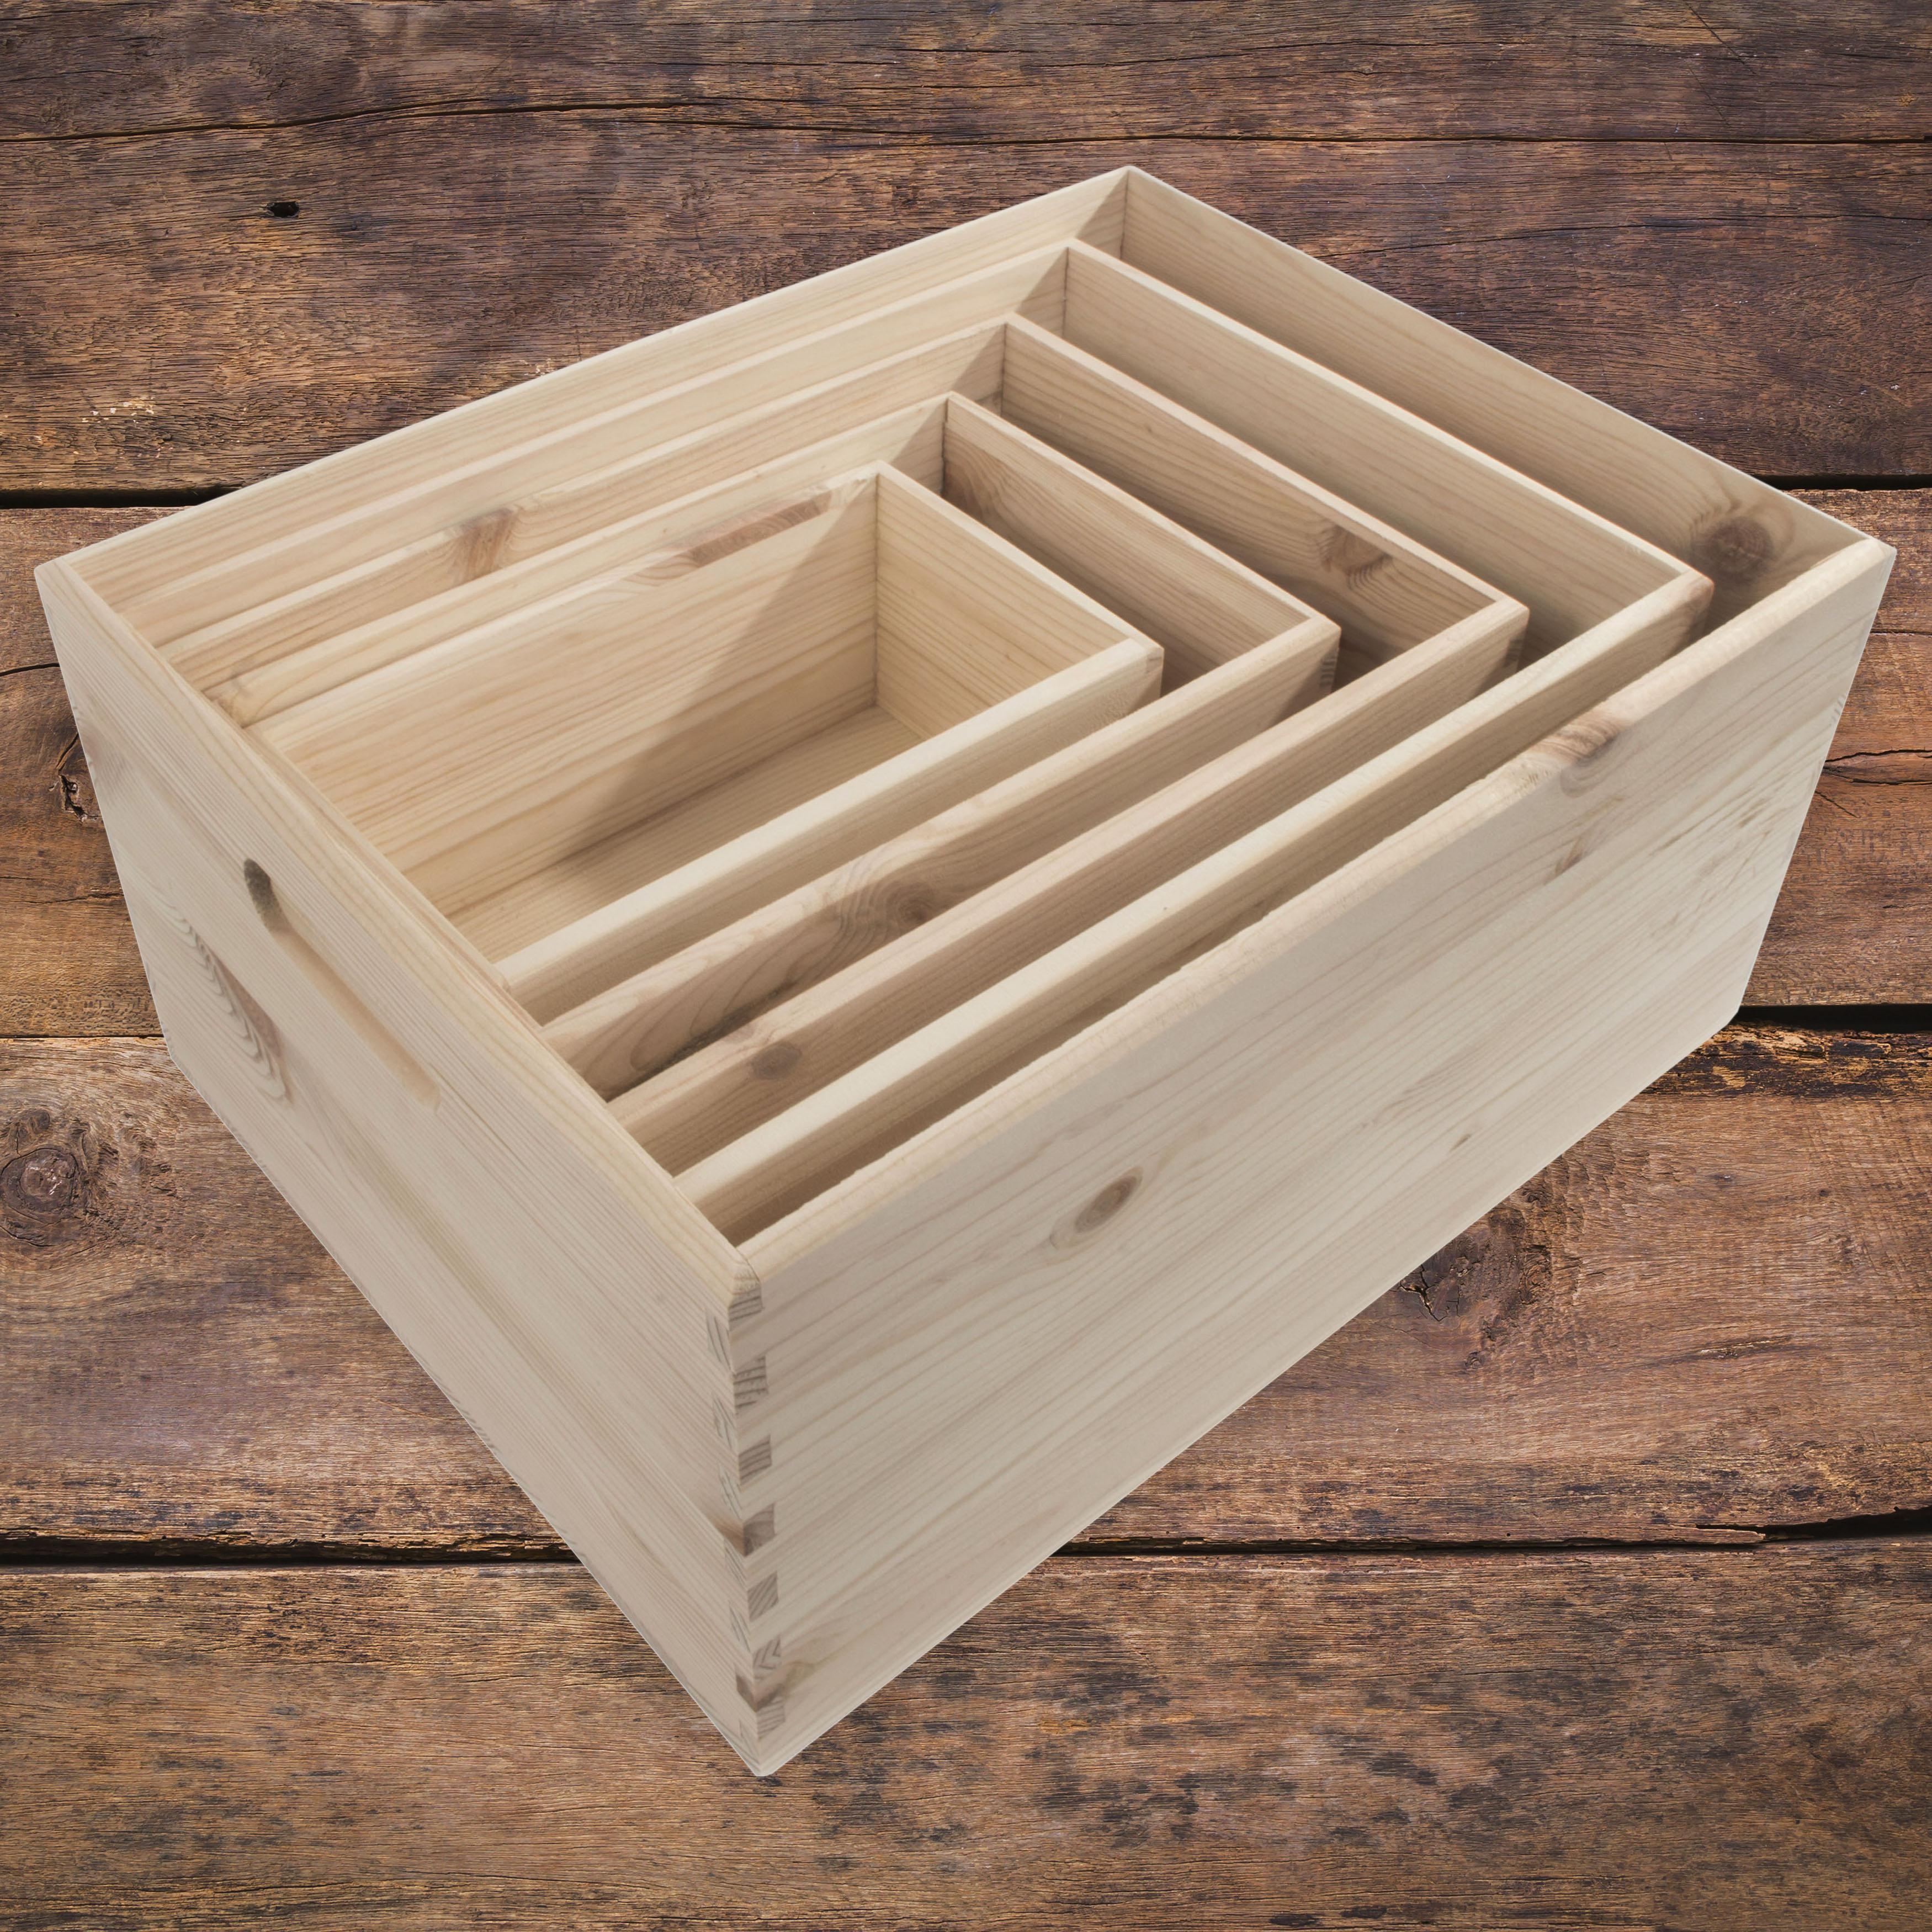 1x en bois caisses Box DECOUPIS Plain Bois Extra Large Storage Craft Boxes Crate